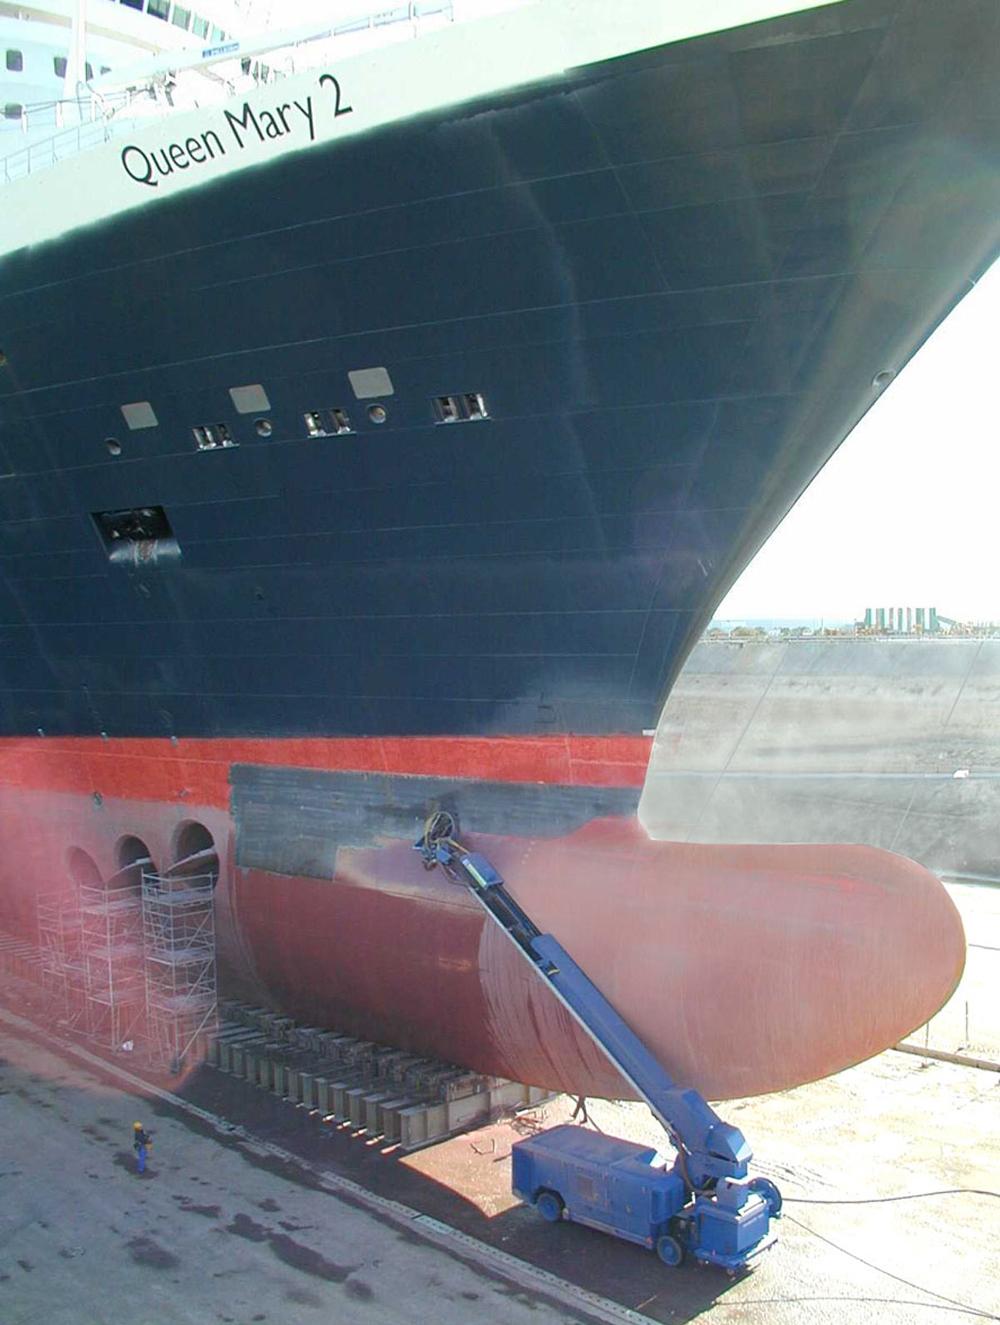 Queen Mary 2's bulbous bow.